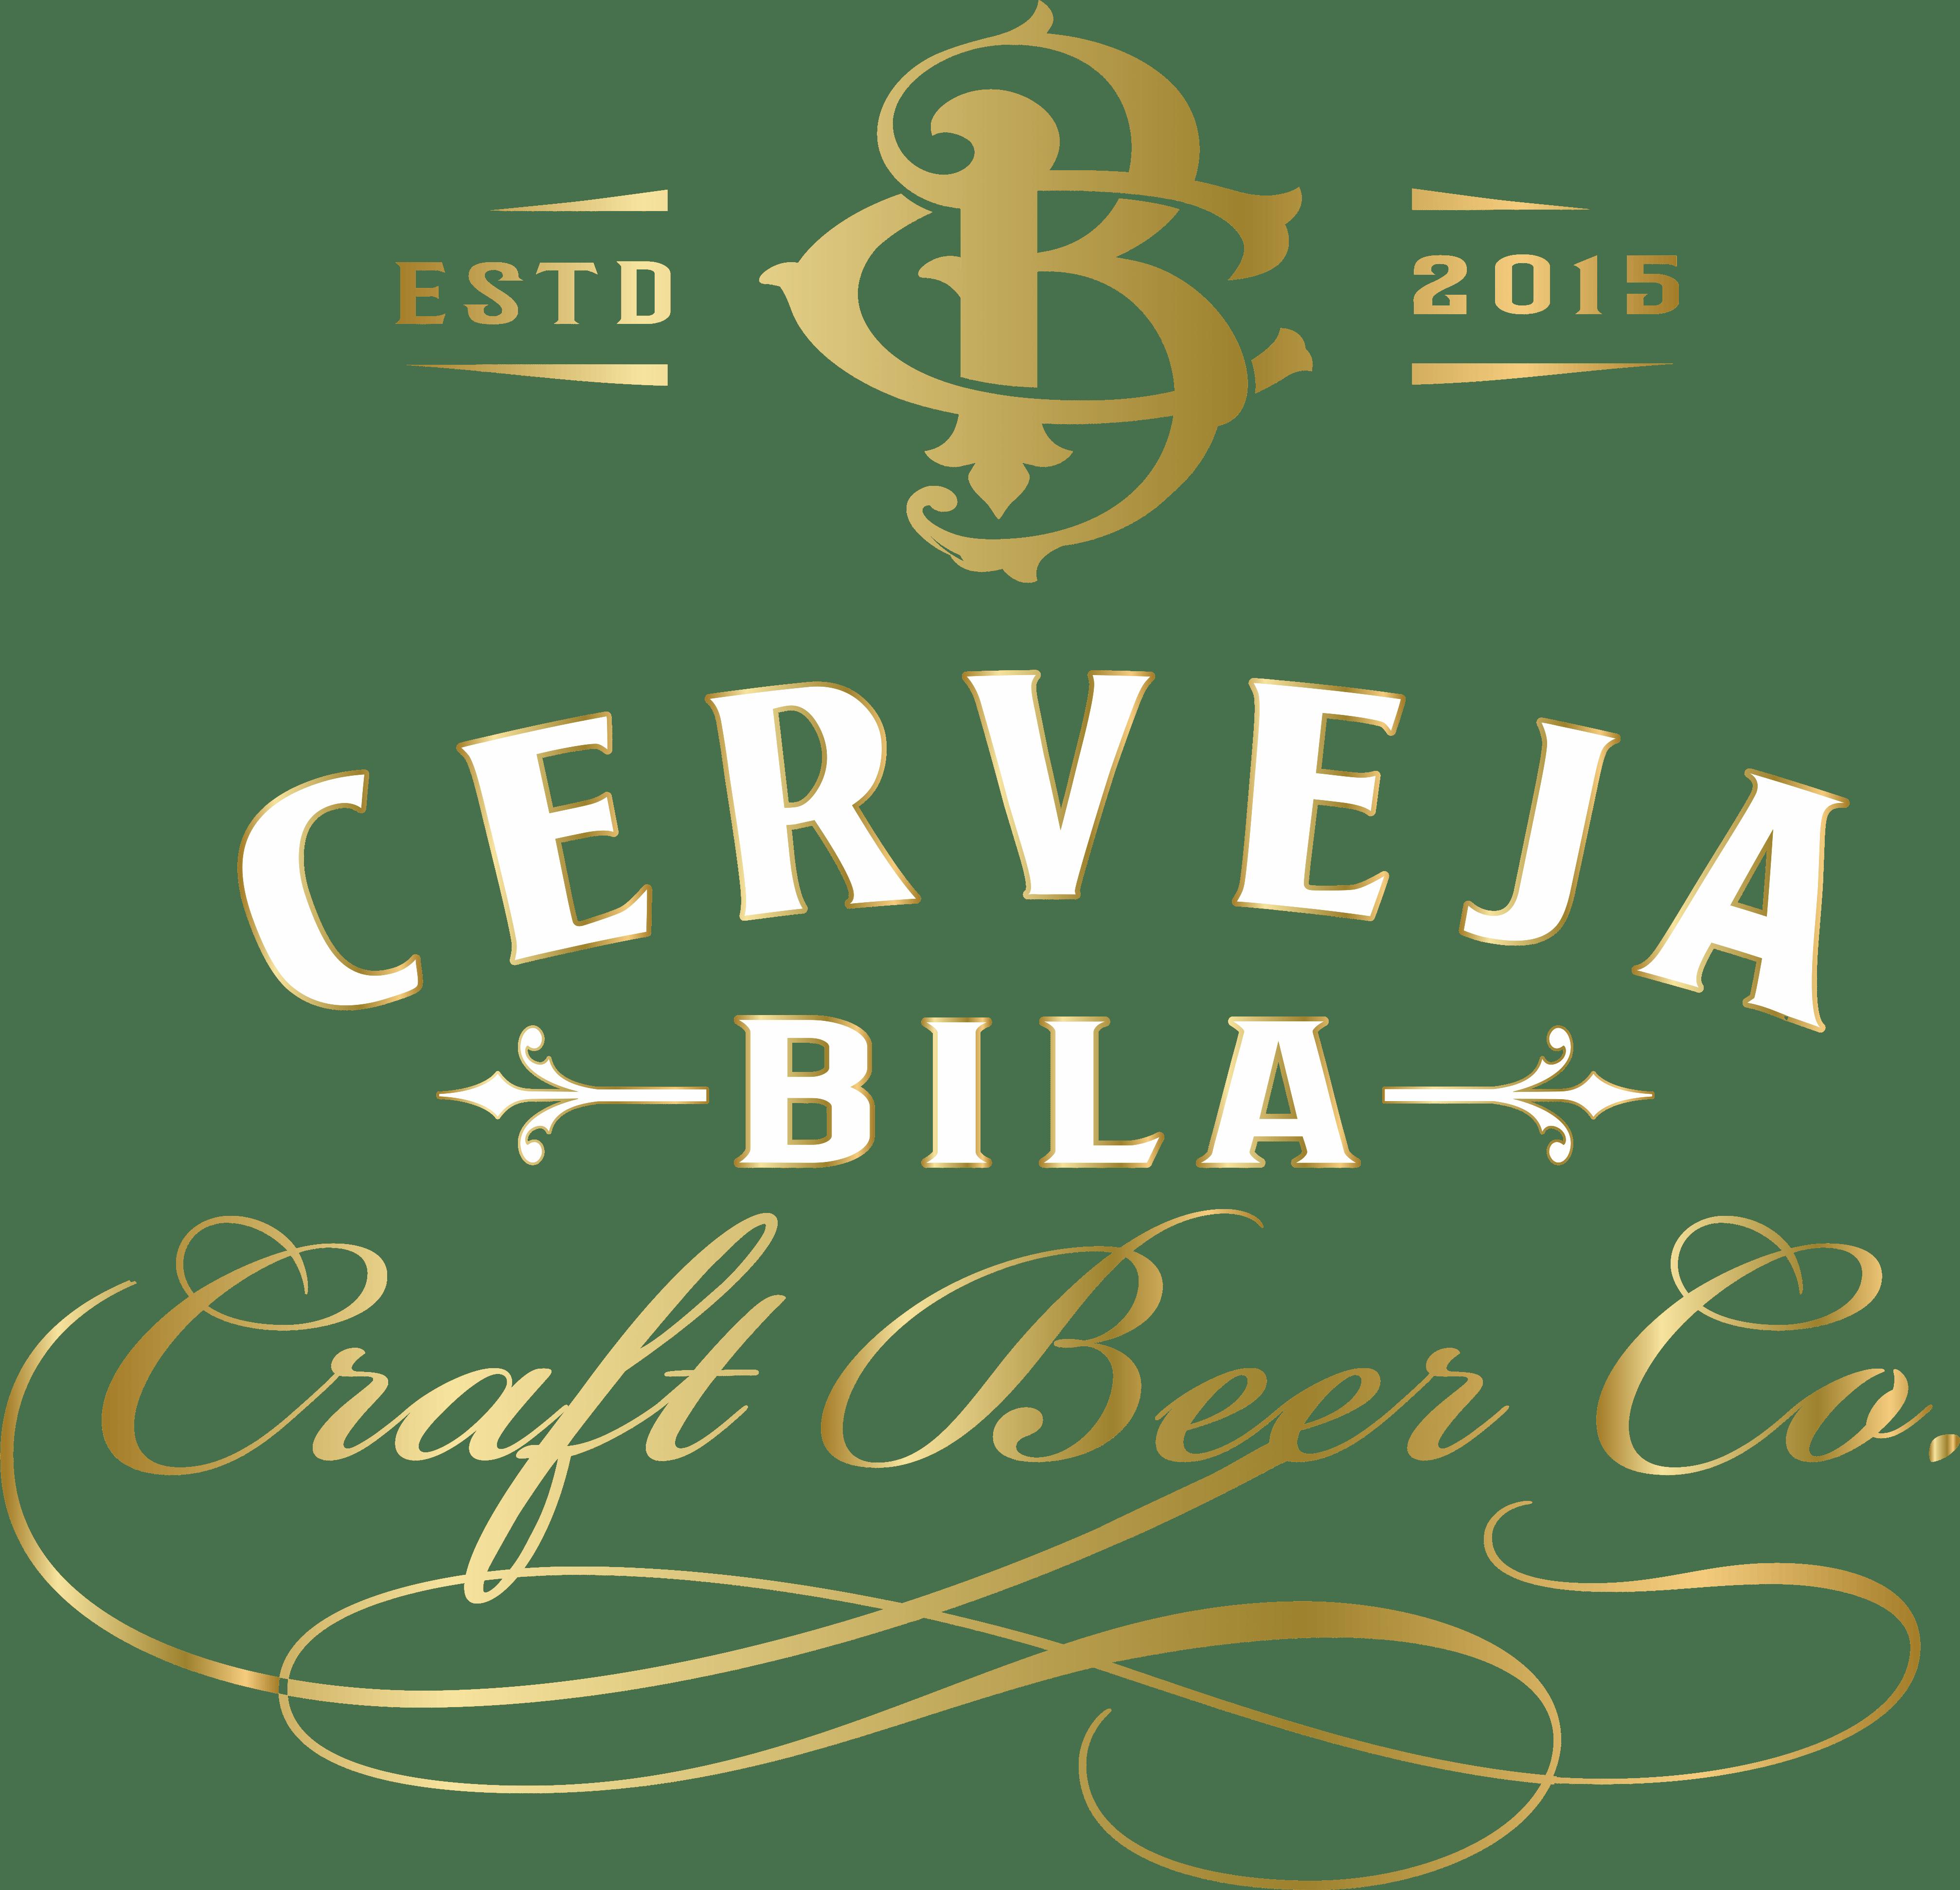 Logotipo Cerveja Bila